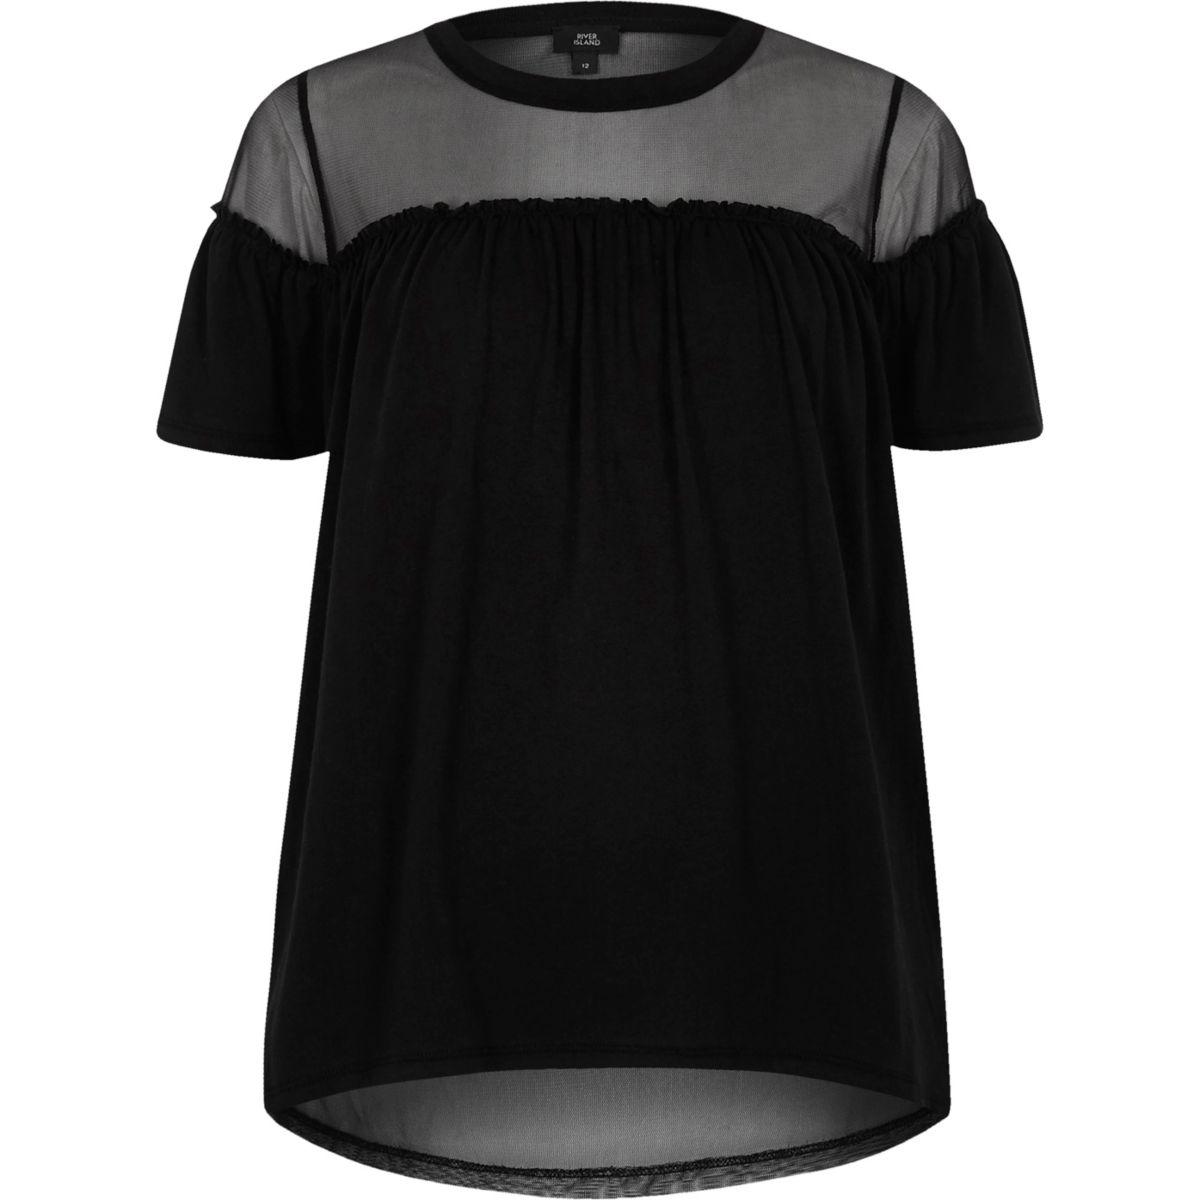 Schwarzes T-Shirt mit Mesh-Einsatz